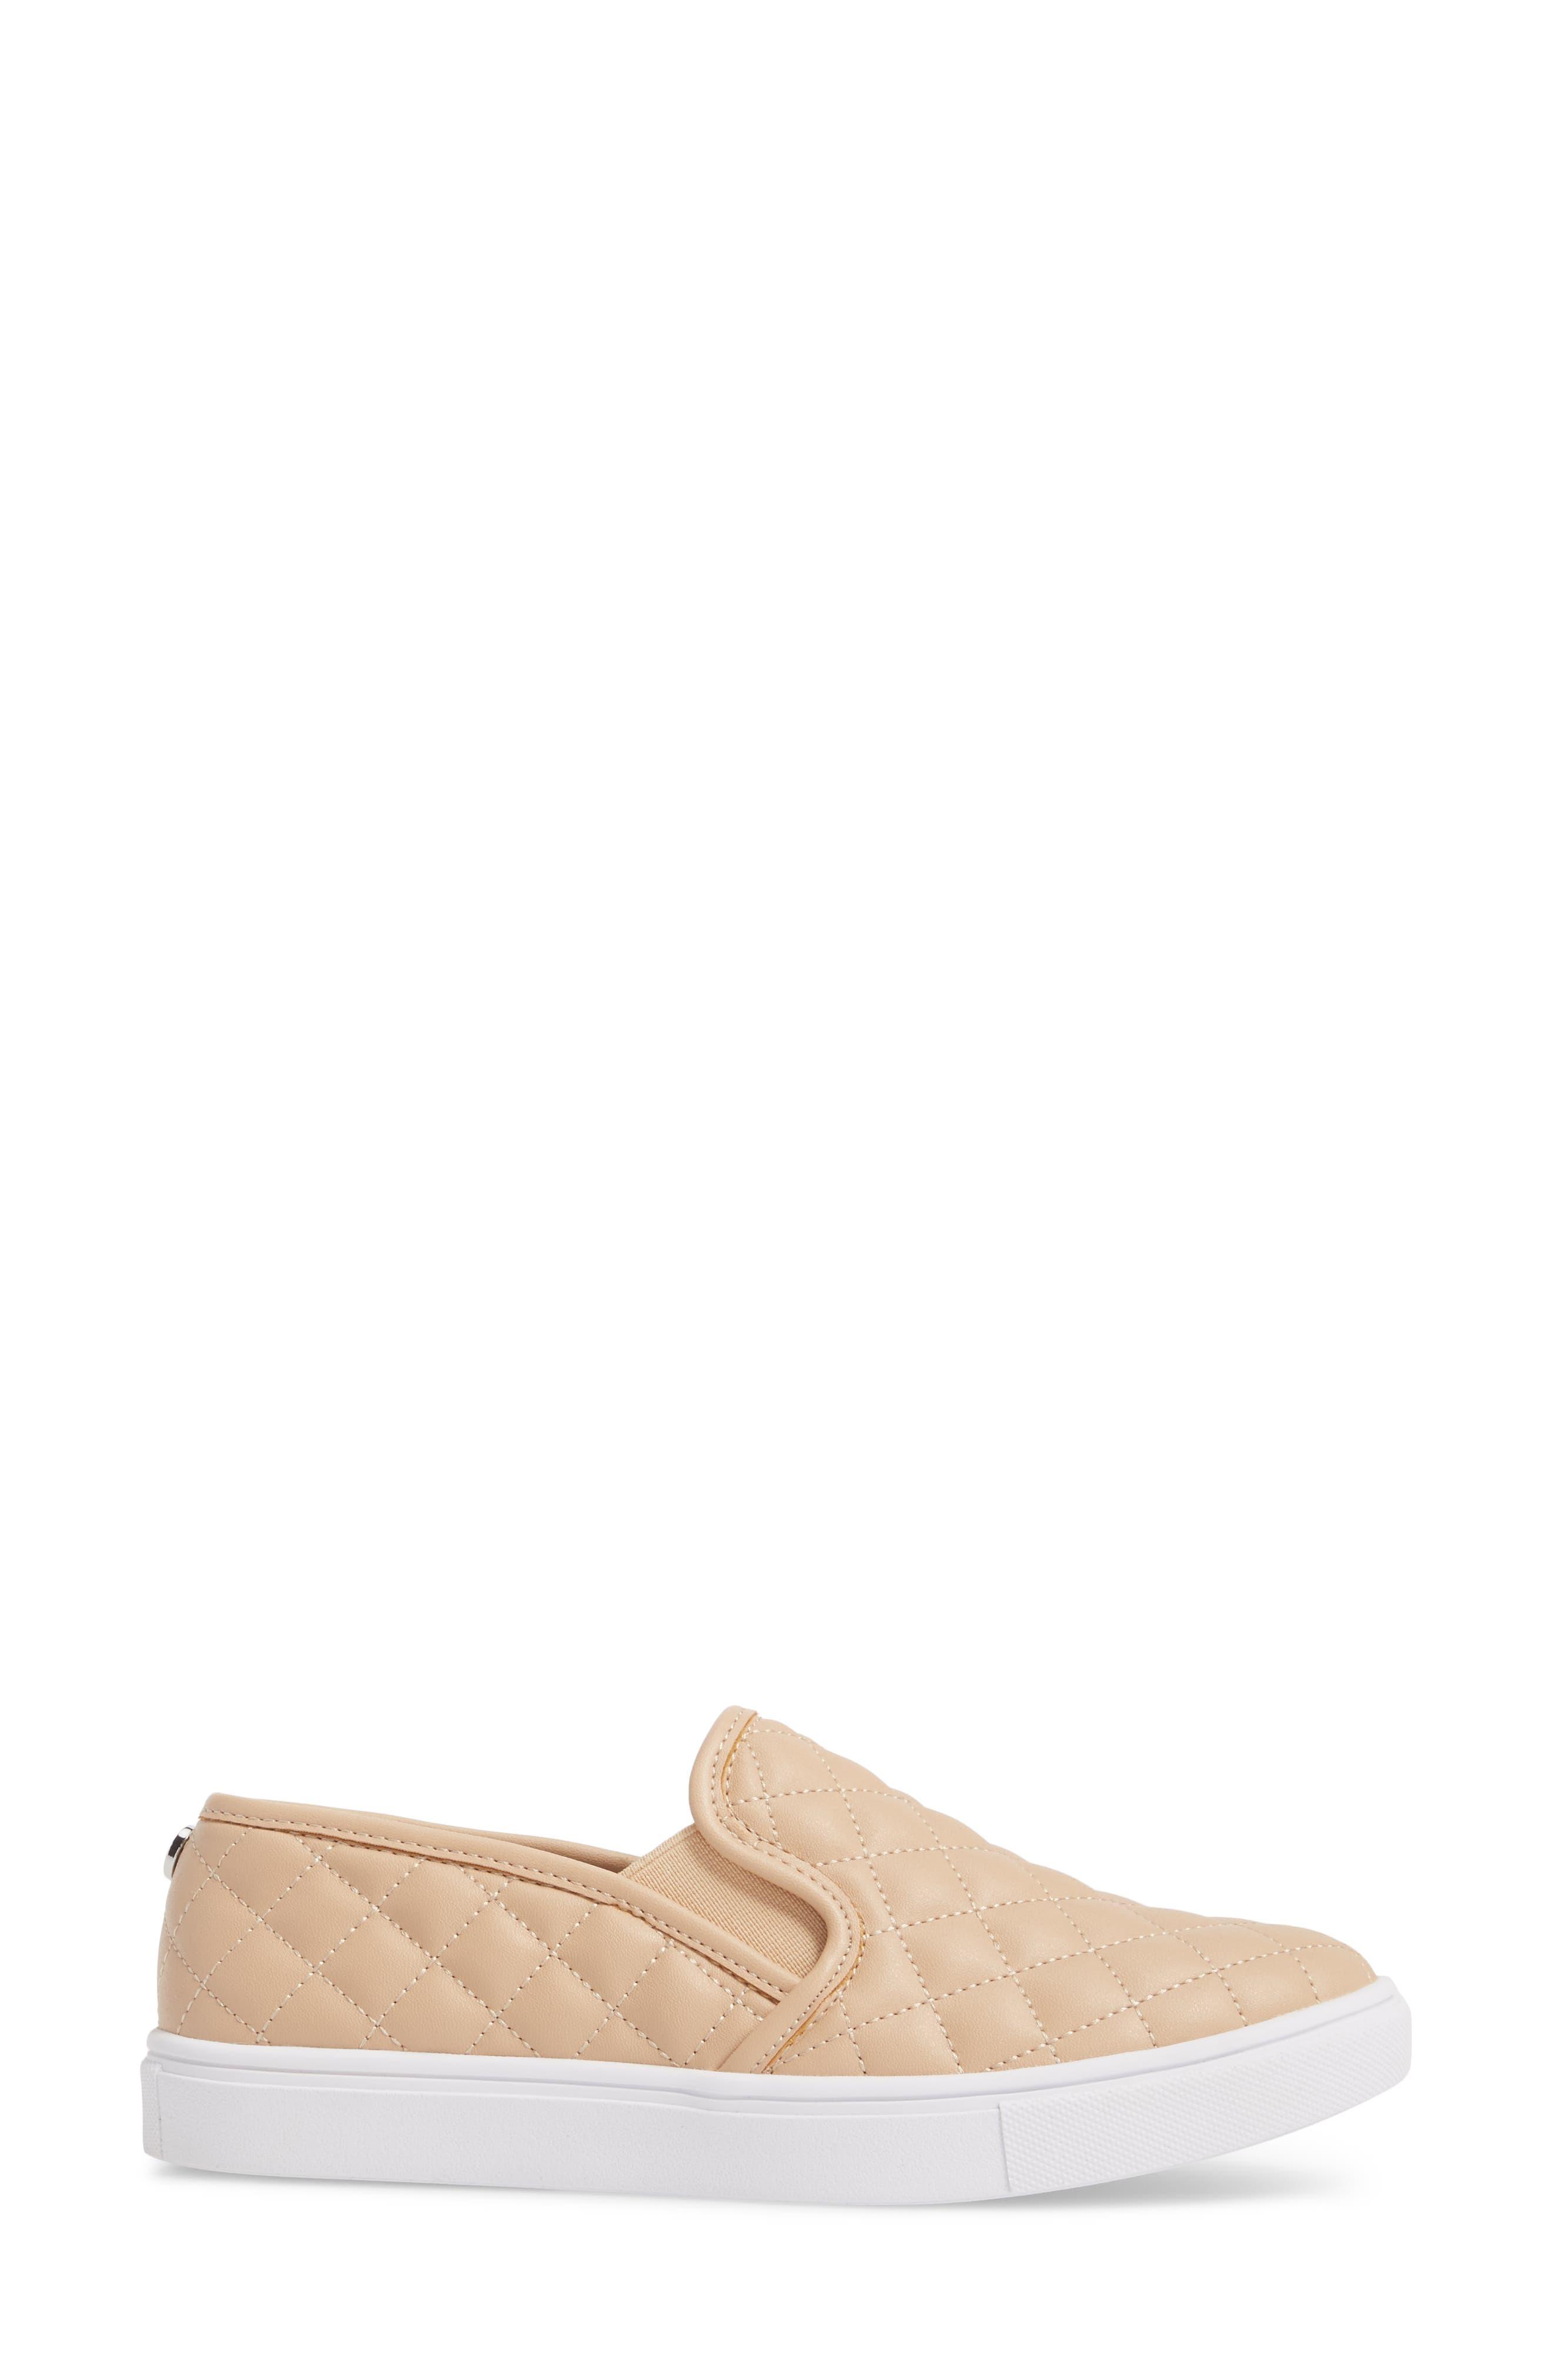 STEVE MADDEN, Ecentrcq Sneaker, Alternate thumbnail 3, color, 250